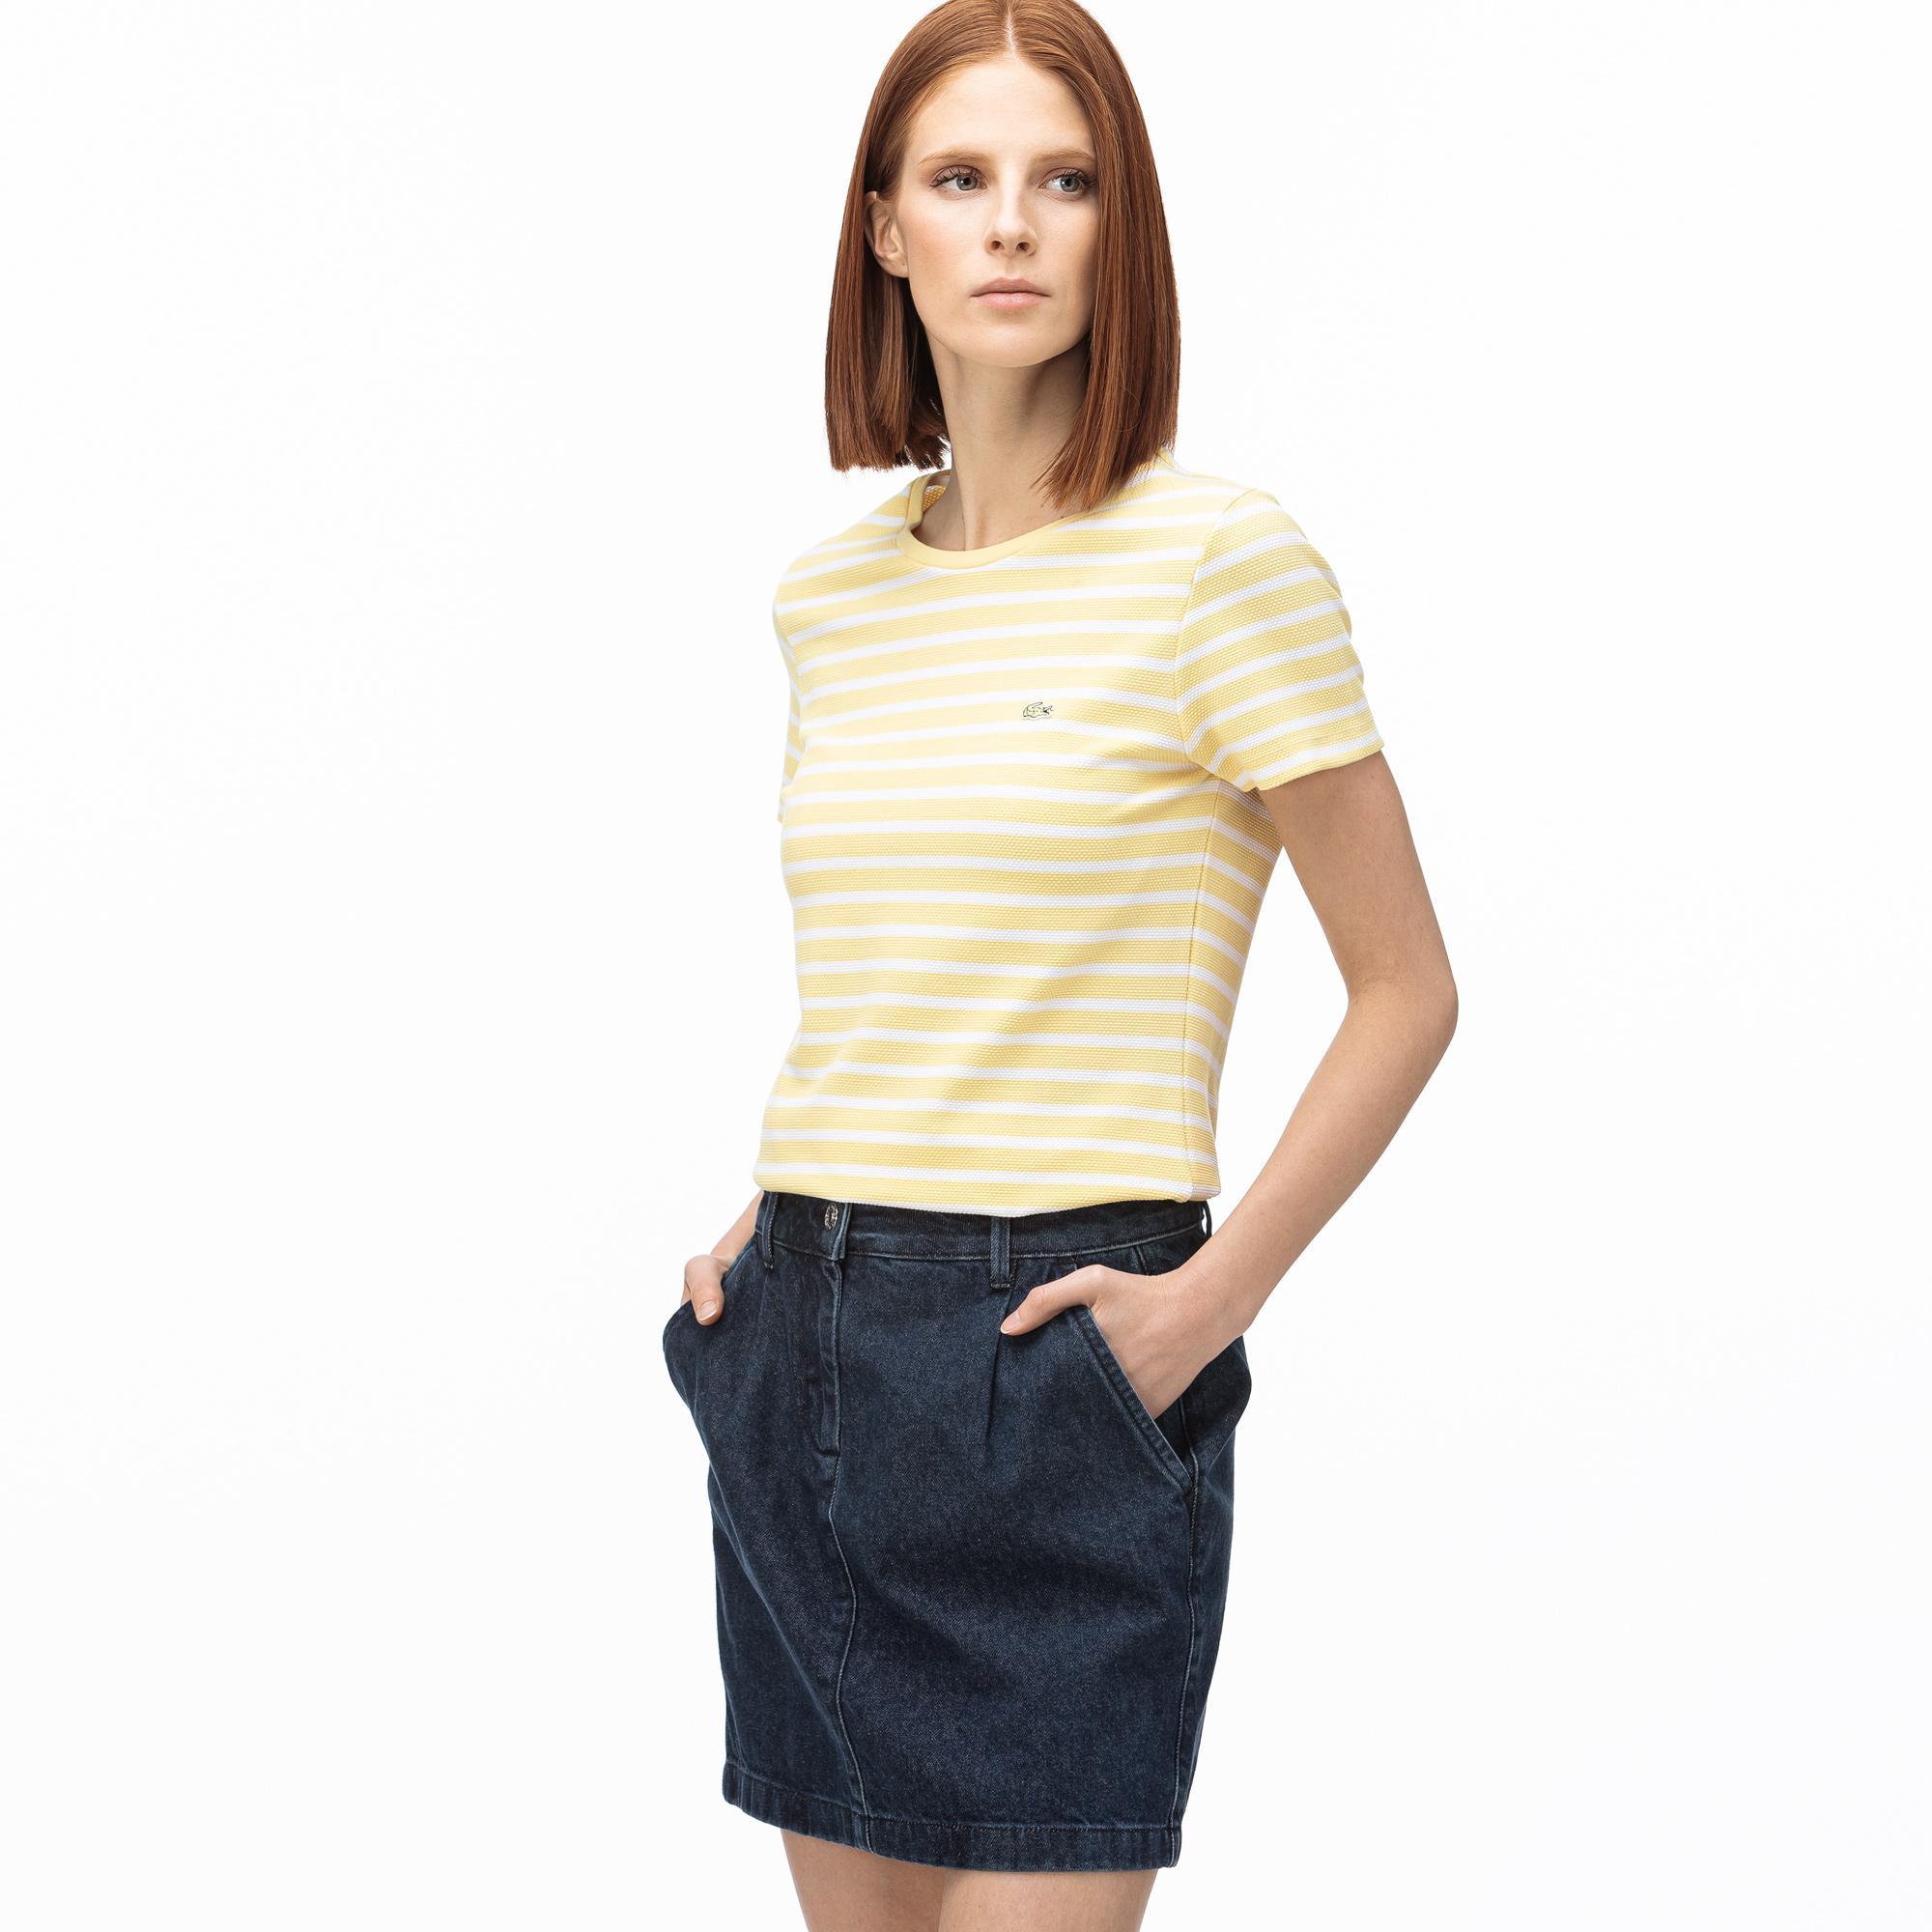 Lacoste T-Shirt Damski Z Okrągłym Wycięciem Pod Szyją